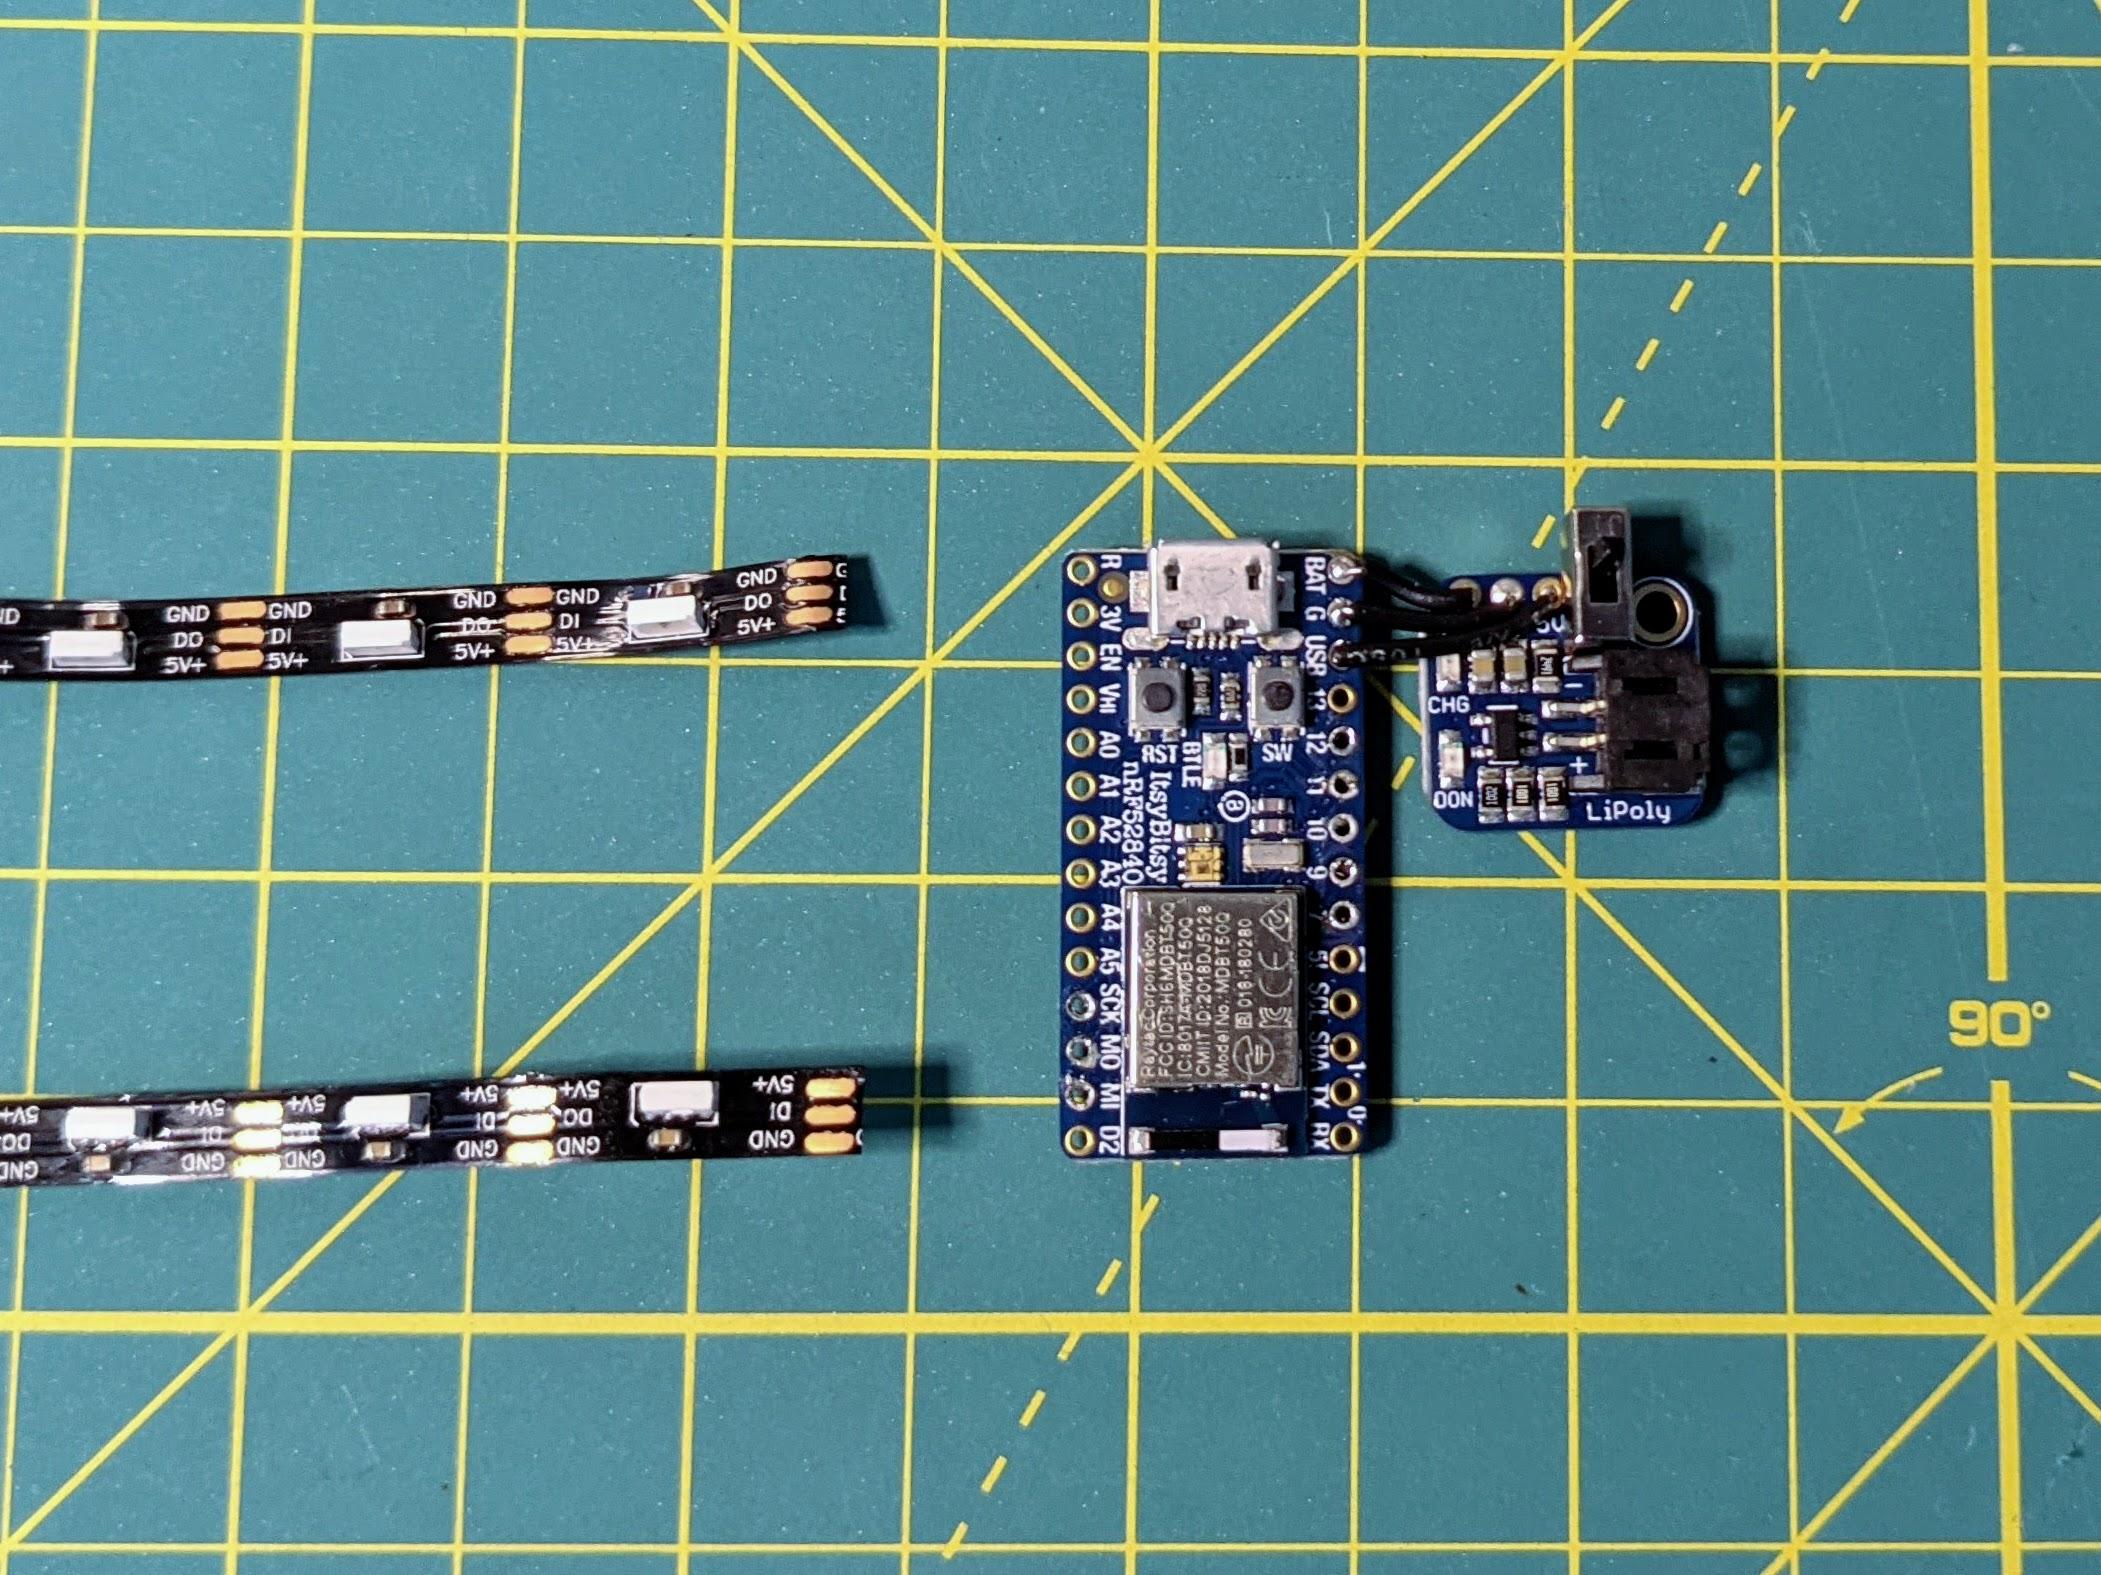 led_strips_PXL_20210125_000557054.jpg